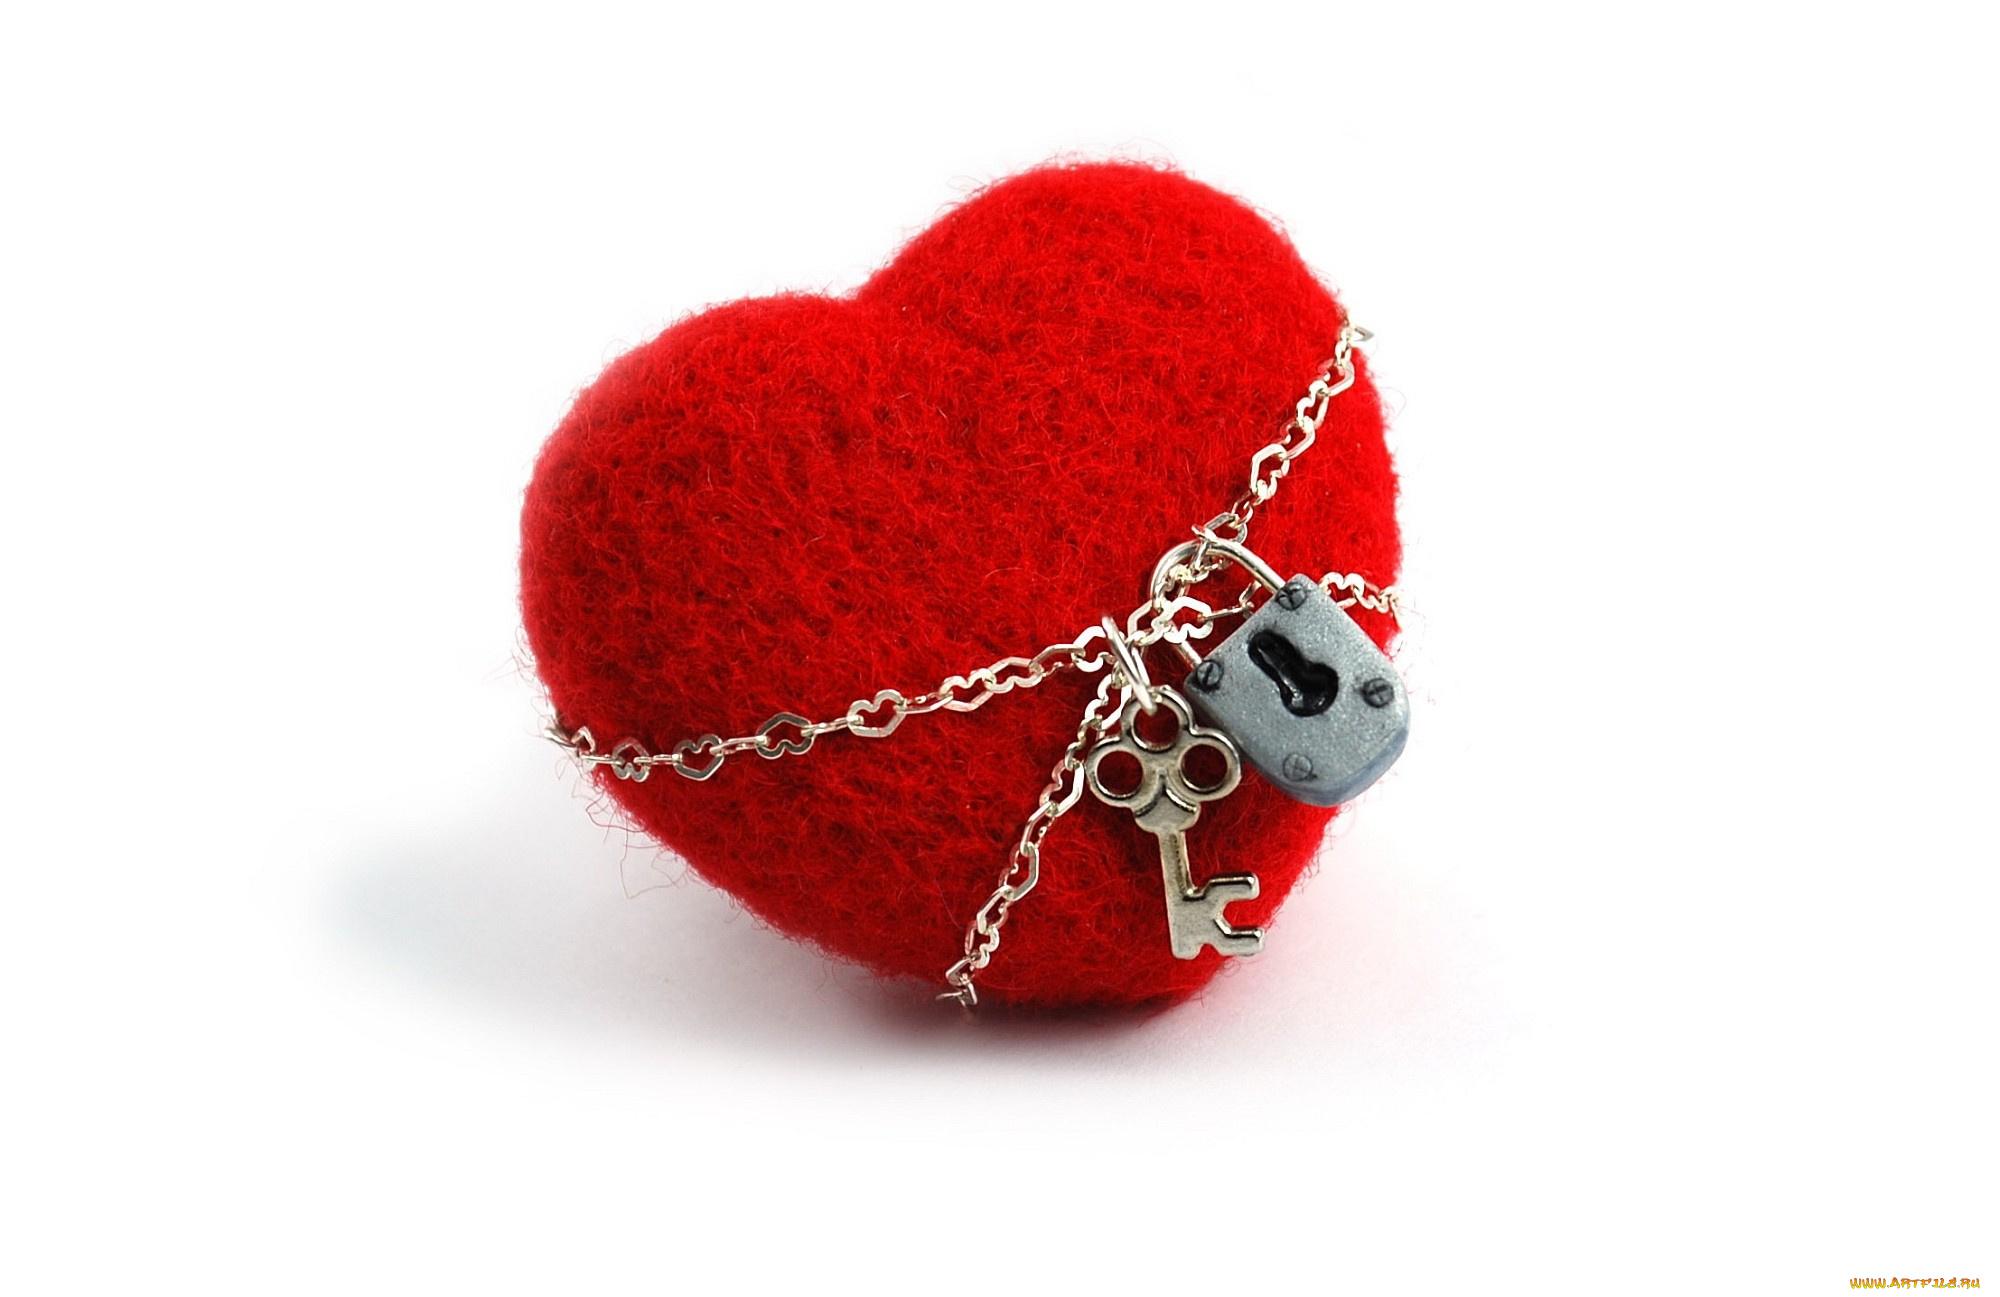 Сердце закрыто для чувств